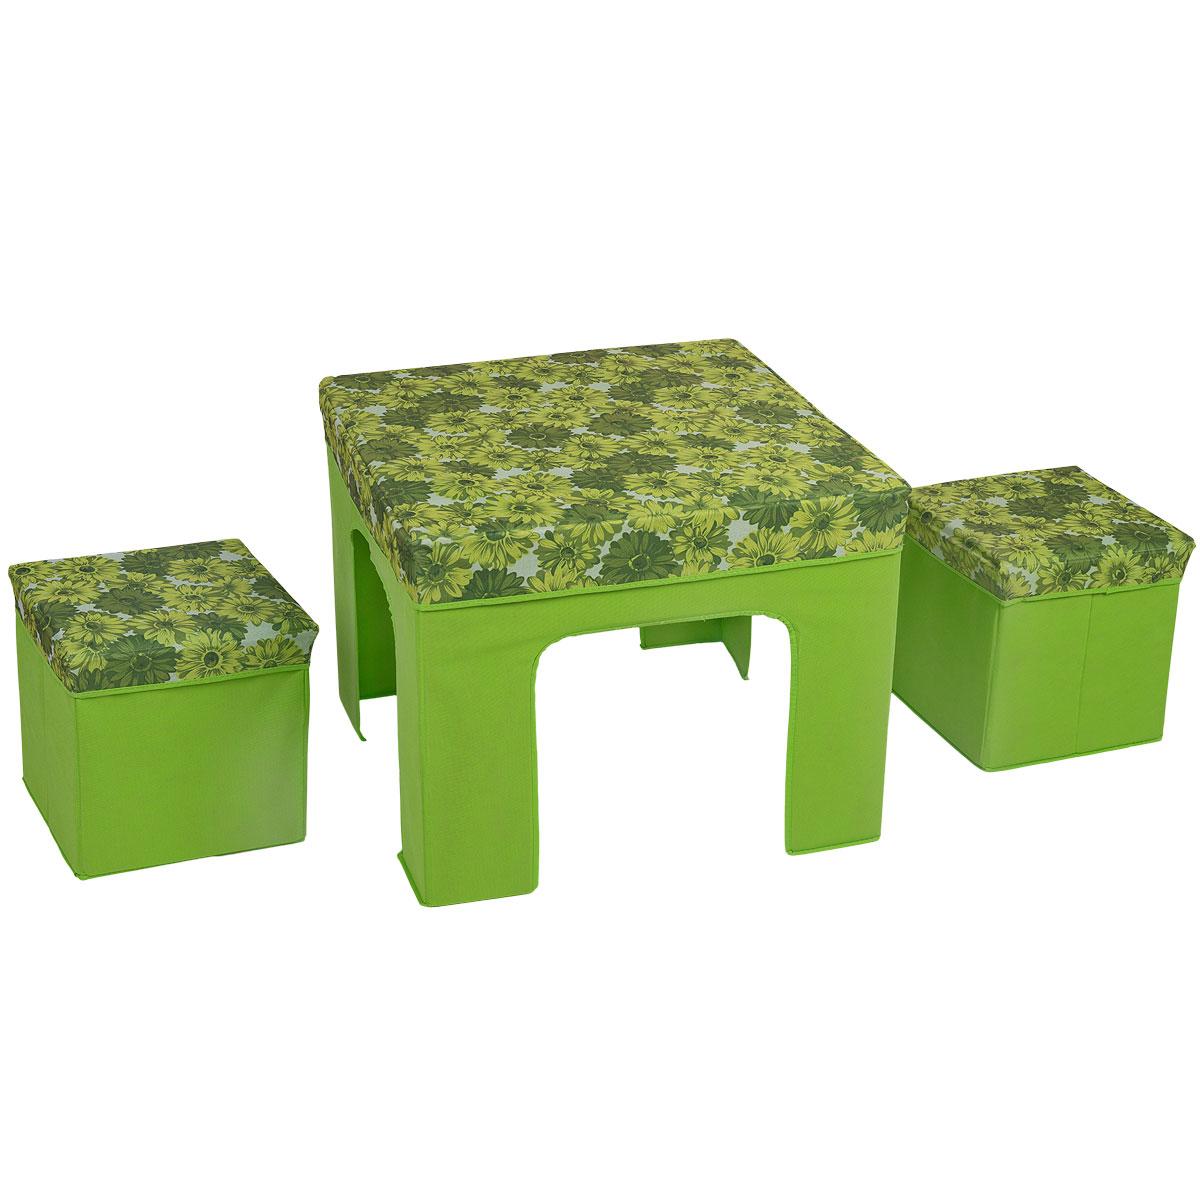 Набор складной мебели Orange, 3 предмета, цвет: зеленыйУТ-000049531Набор складной мебели Orange изготовлен из МДФ, оксфорда и спанбода. Набор предназначен для использования внутри помещений, на отдыхе, пикнике. Мебель компактна и удобно складывается. Набор складной мебели может послужить отличным подарком любому дачнику, охотнику и рыбаку. Любой, отдыхающий за городом человек, позавидует вам, увидев этот набор складной мебели. Максимальная нагрузка стола: 25 кг. Максимальная нагрузка пуфика: 100 кг. Размер стола: 60 см х 60 см. Размер пуфика: 30 см х 30 см.